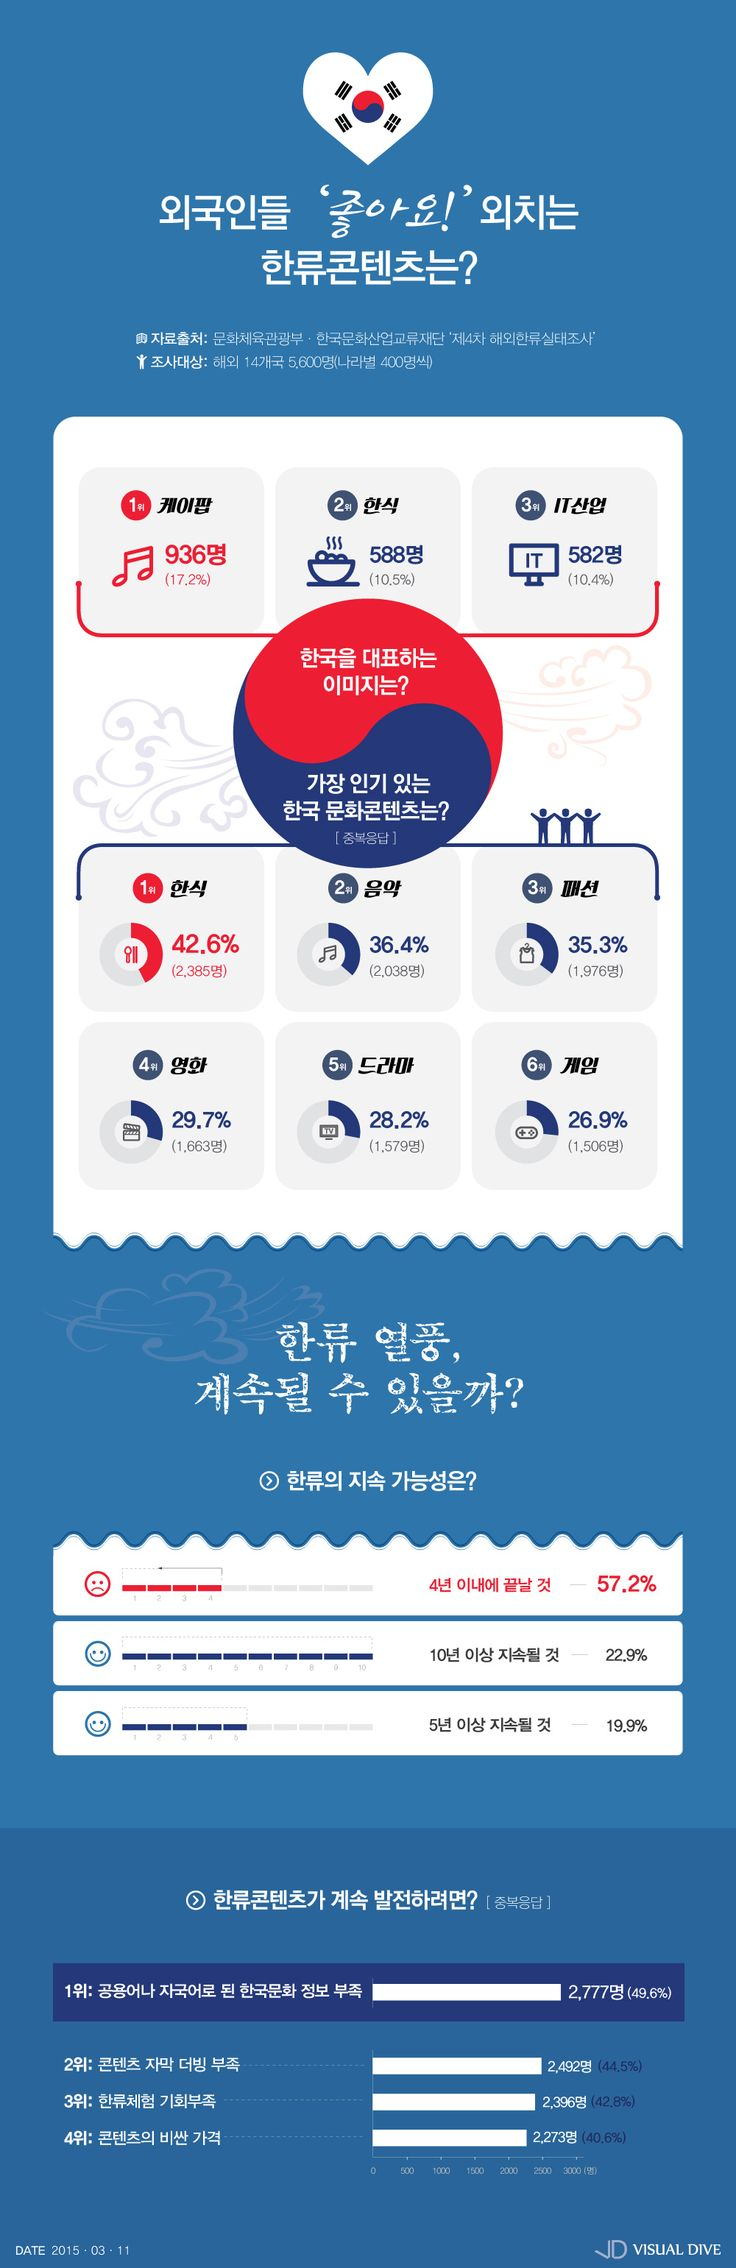 '외국인이 생각하는 한류' 콘텐츠는 한식, 이미지는 케이팝 [인포그래픽] #KoreanWave / #Infographic ⓒ 비주얼다이브 무단…